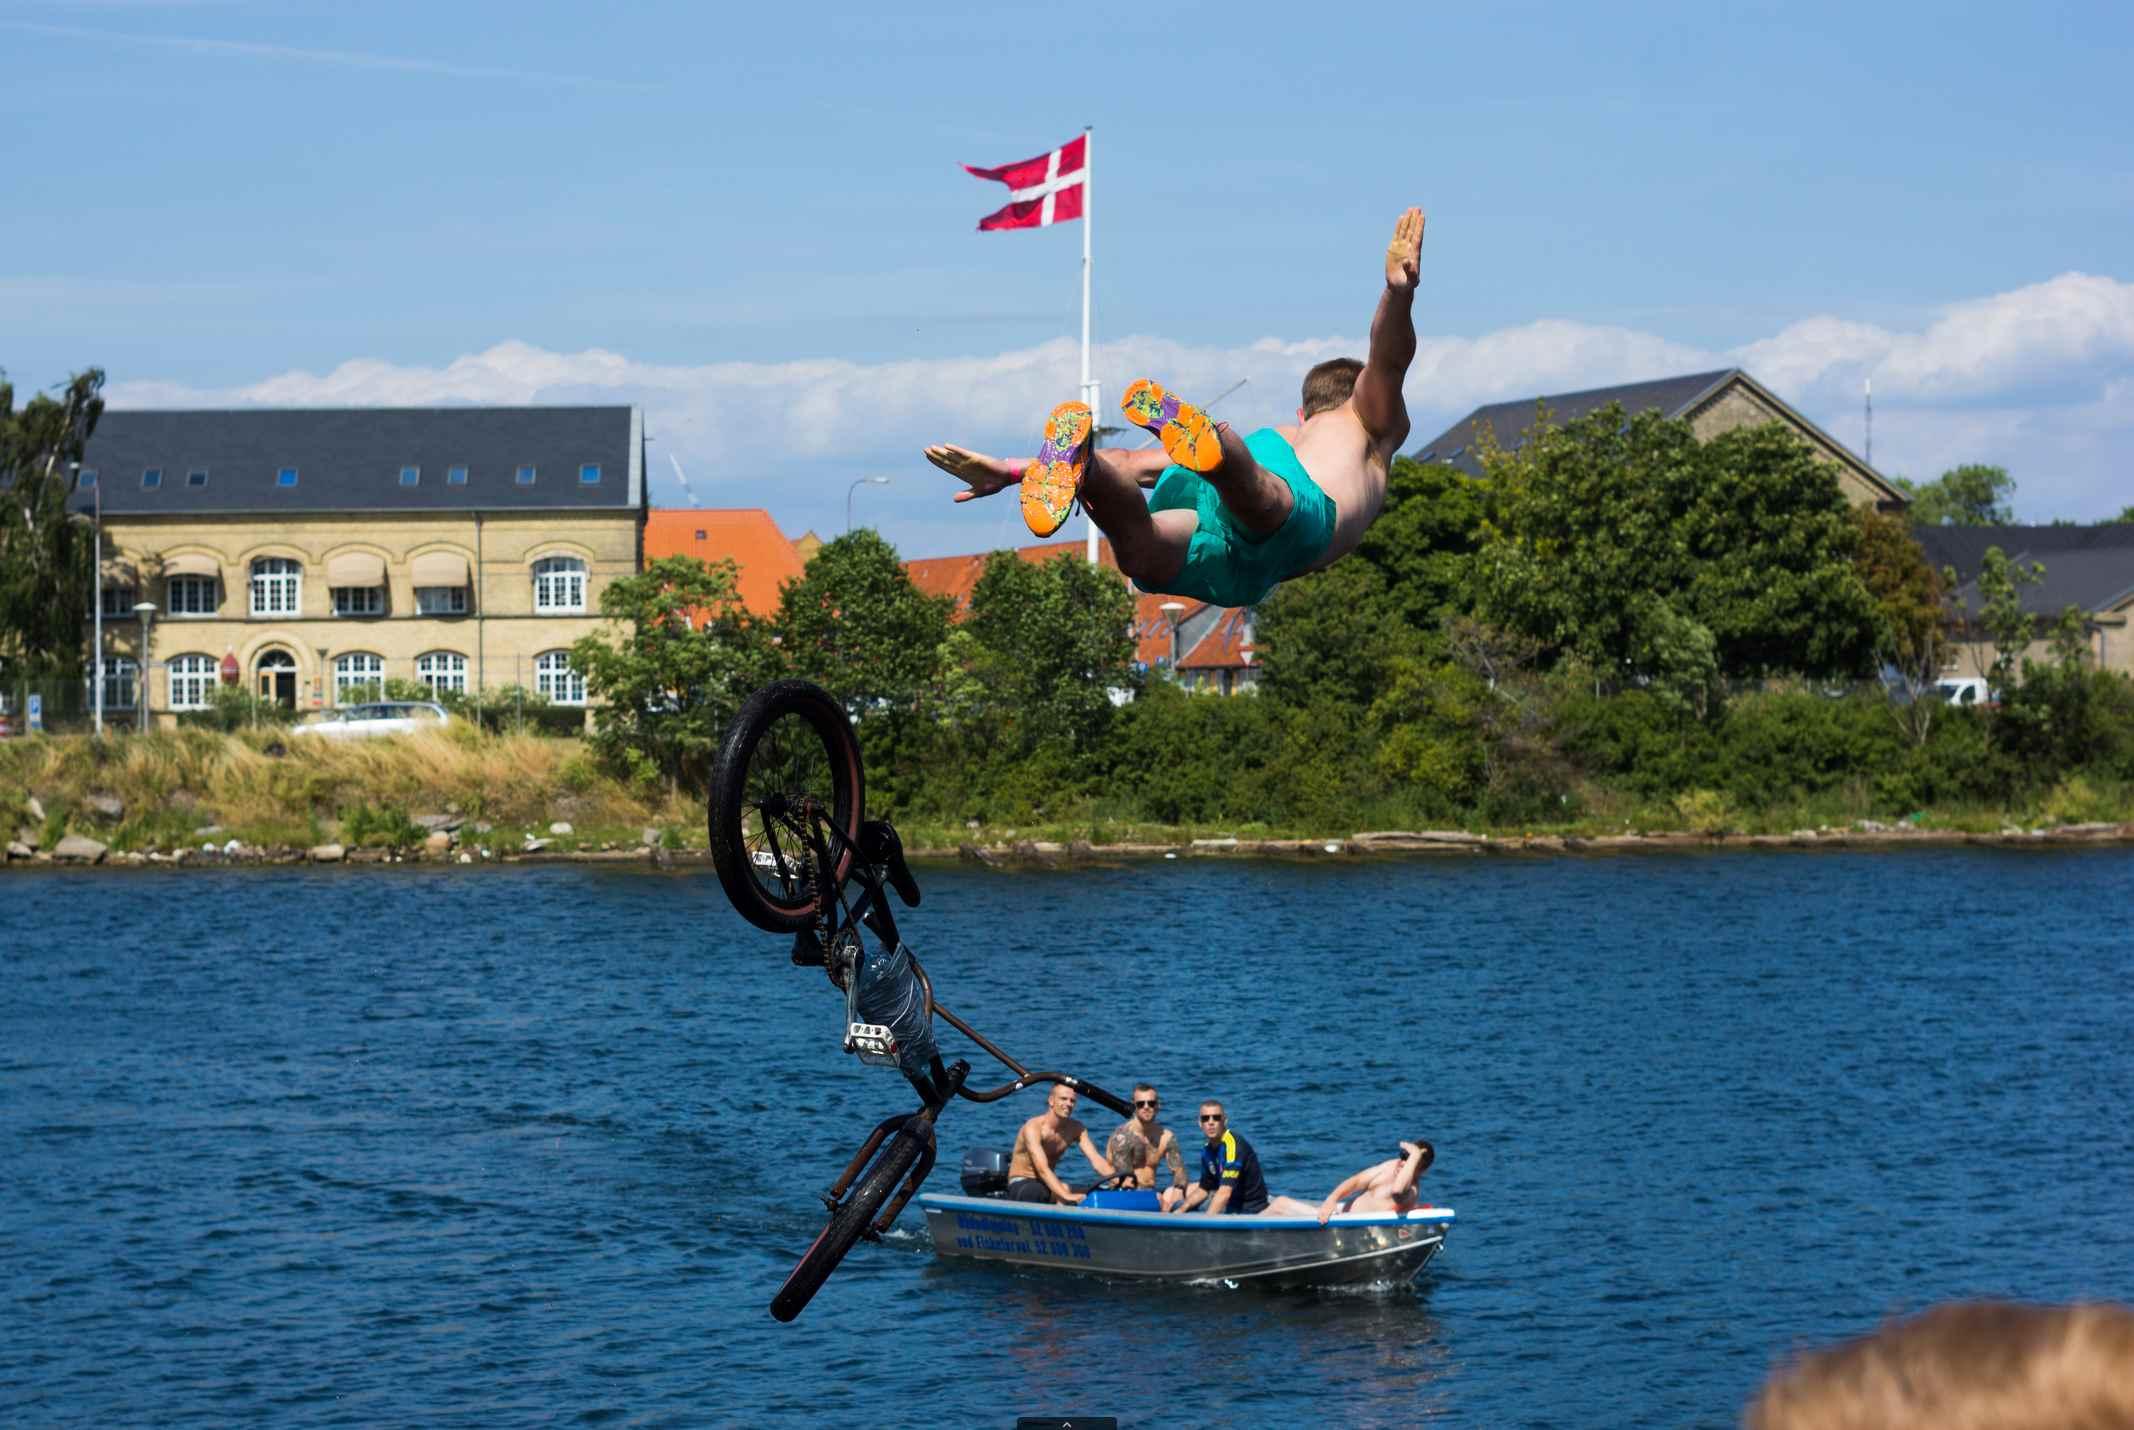 kulturhavn holmen dirt dirtjump bmx vand havn sjov friluftsliv copenhagen kbh christianshavn pumptrack cykelleg københavn